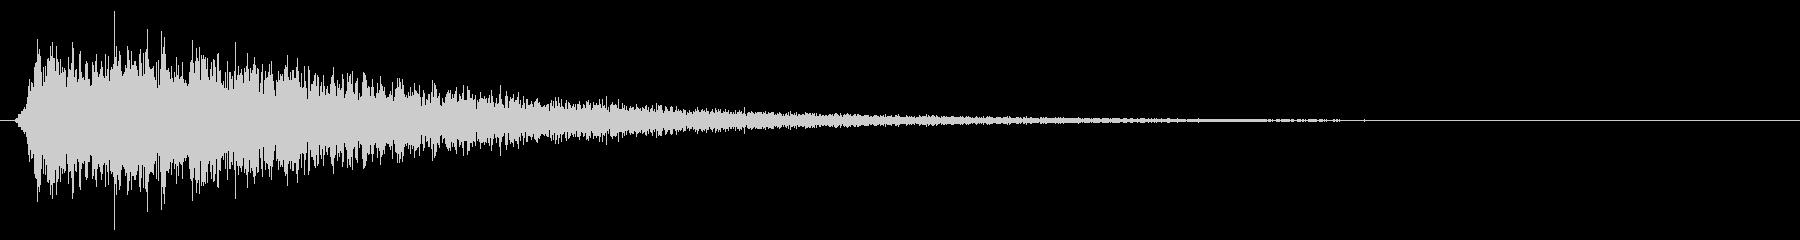 ズシャー(剣・刀による攻撃の効果音)の未再生の波形